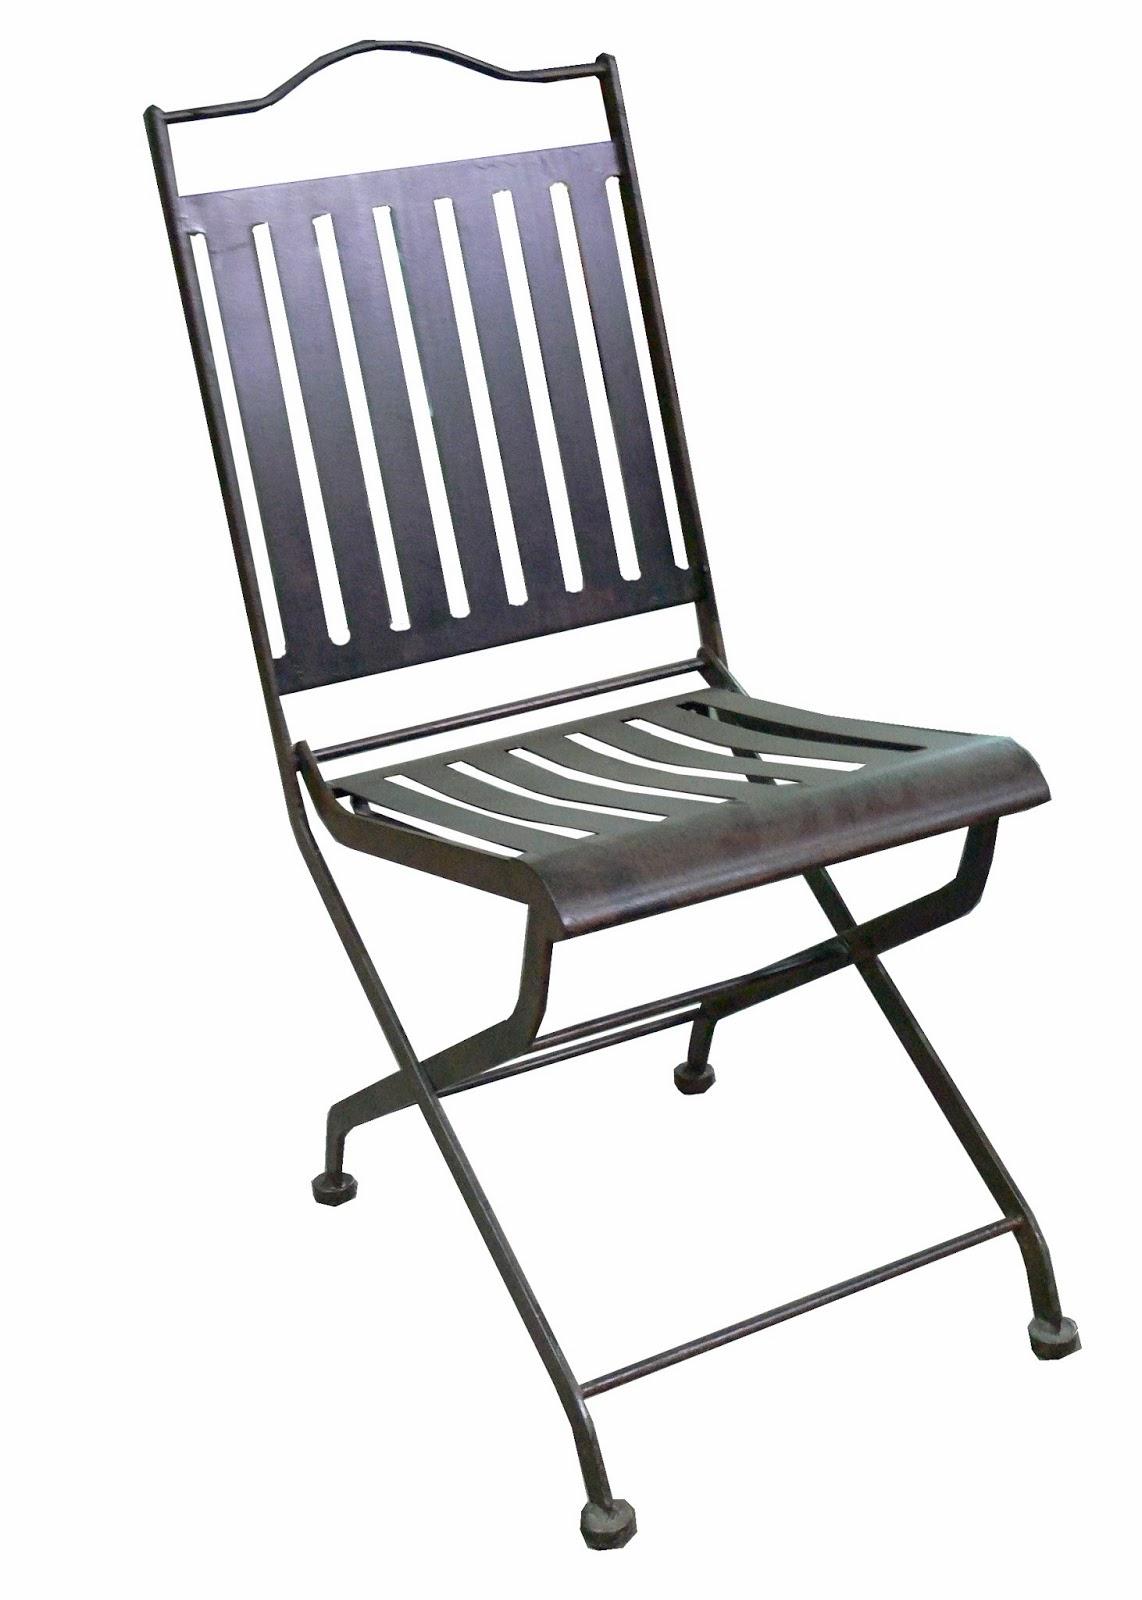 Mesas y sillas de hierro forjado artesanalmente en for Sillas de forja para jardin